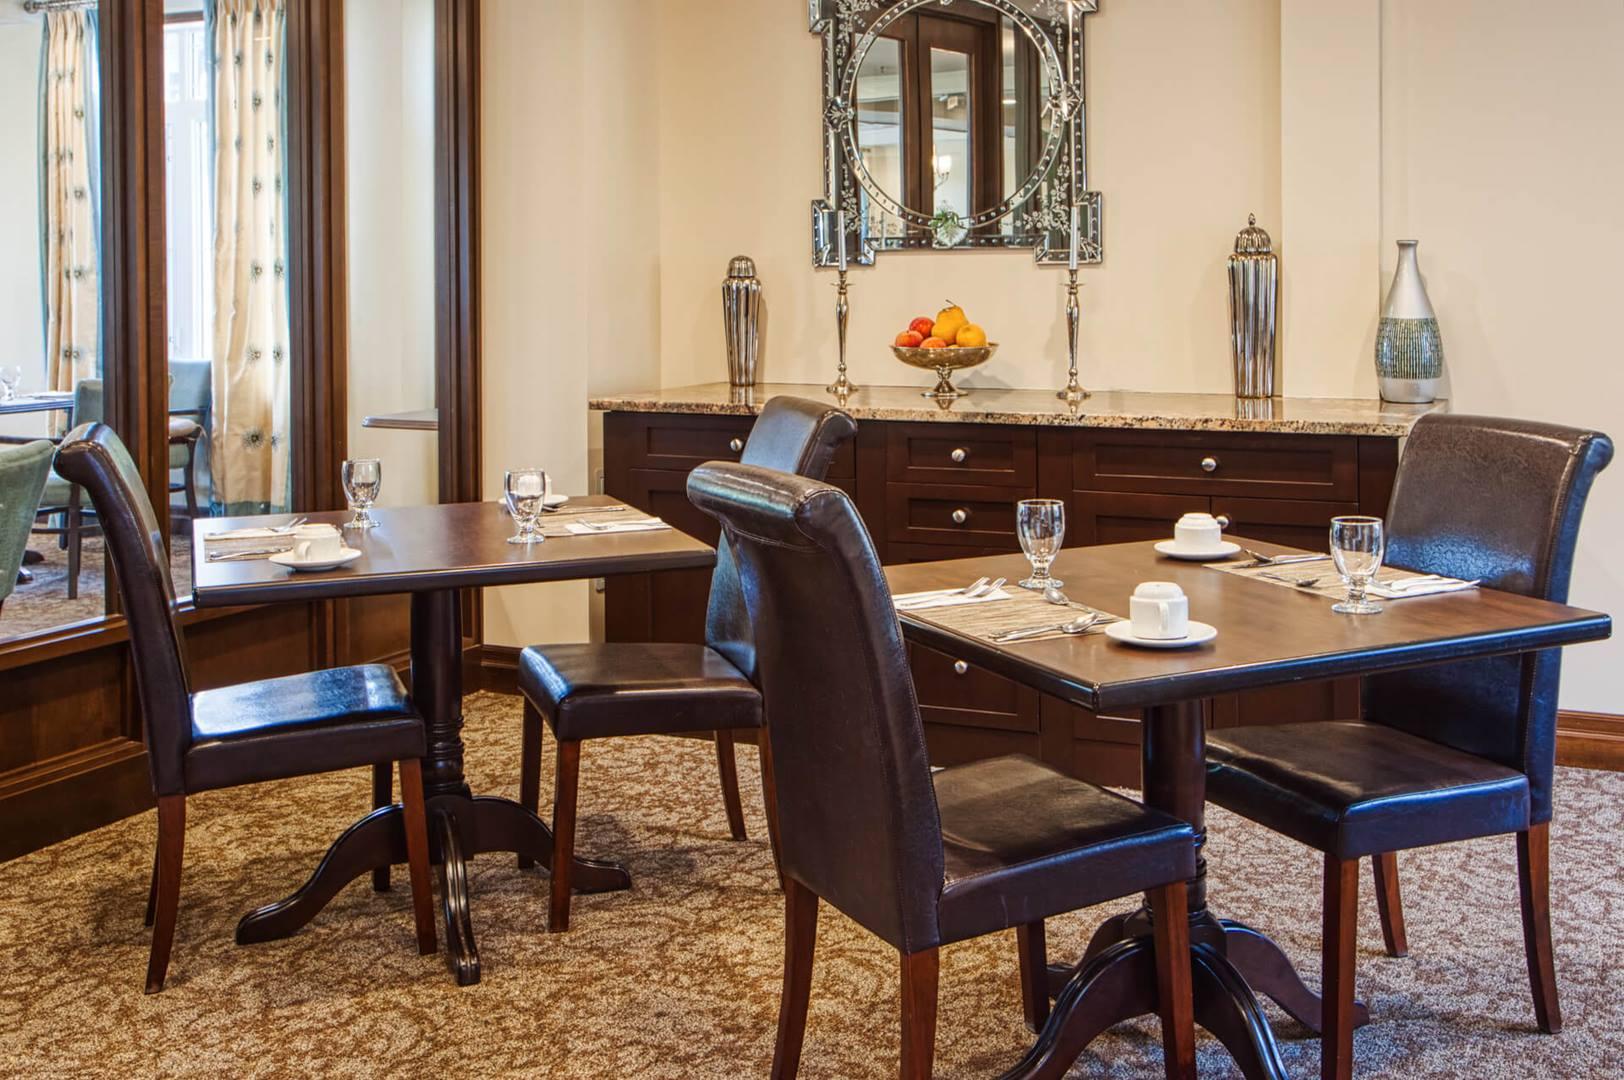 Revera Windsor Park Retirement Residence